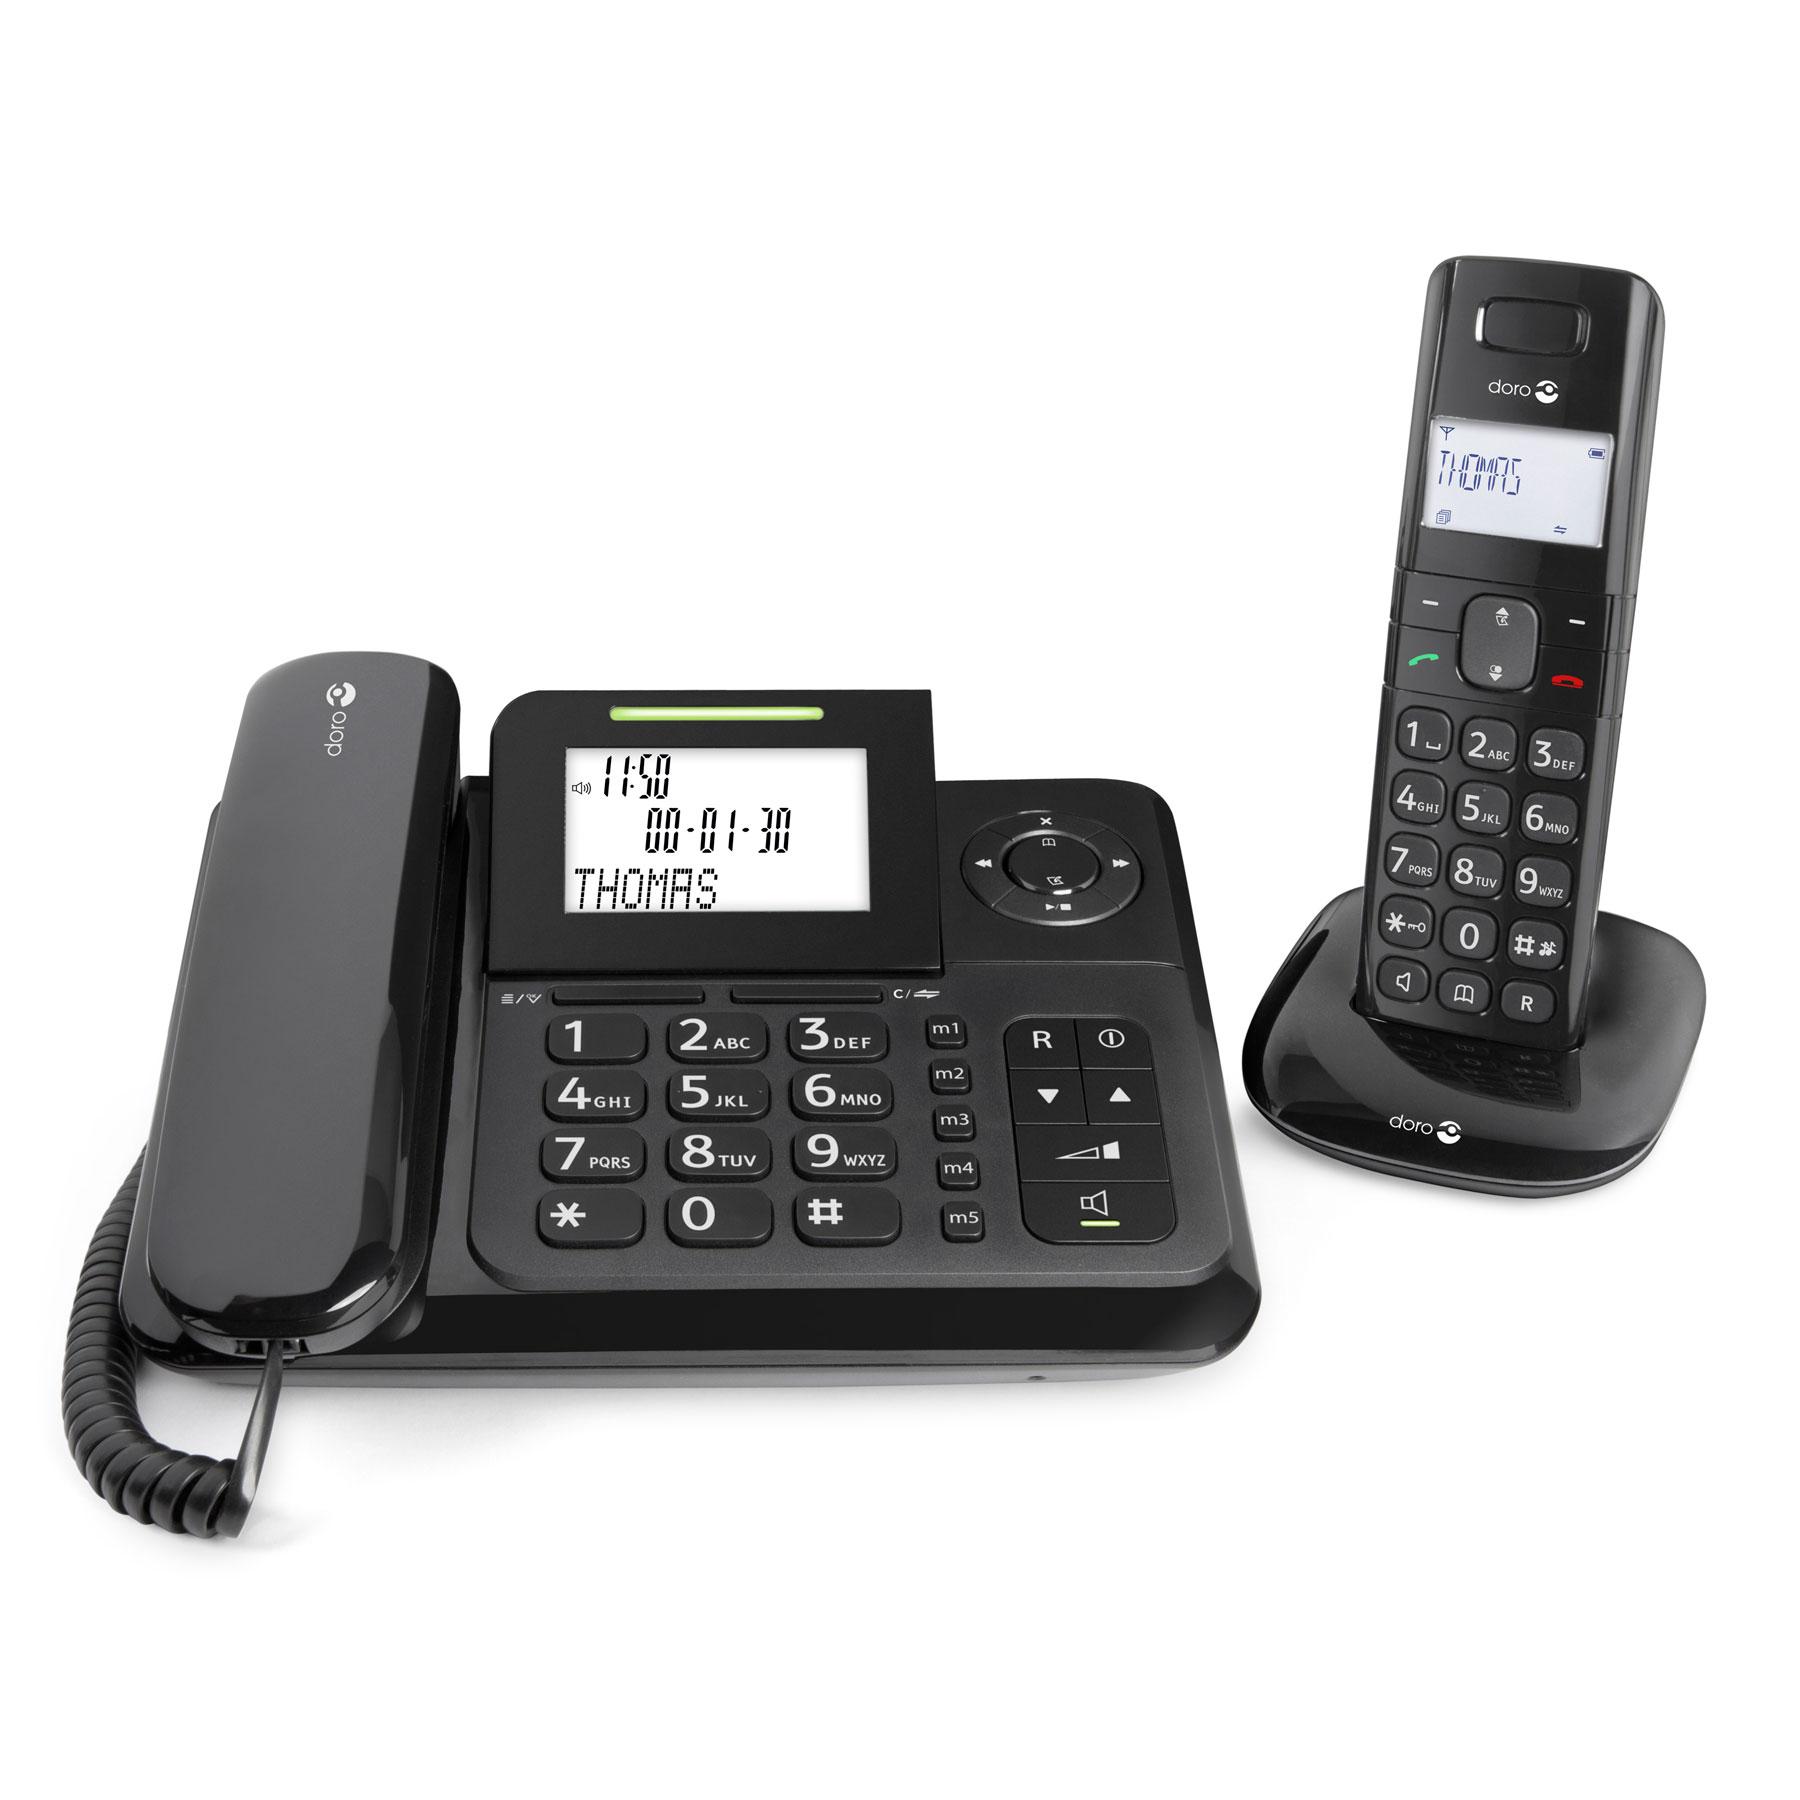 Téléphone filaire Doro Comfort 4005 Téléphone filaire + téléphone sans fil DECT avec répondeur intégré